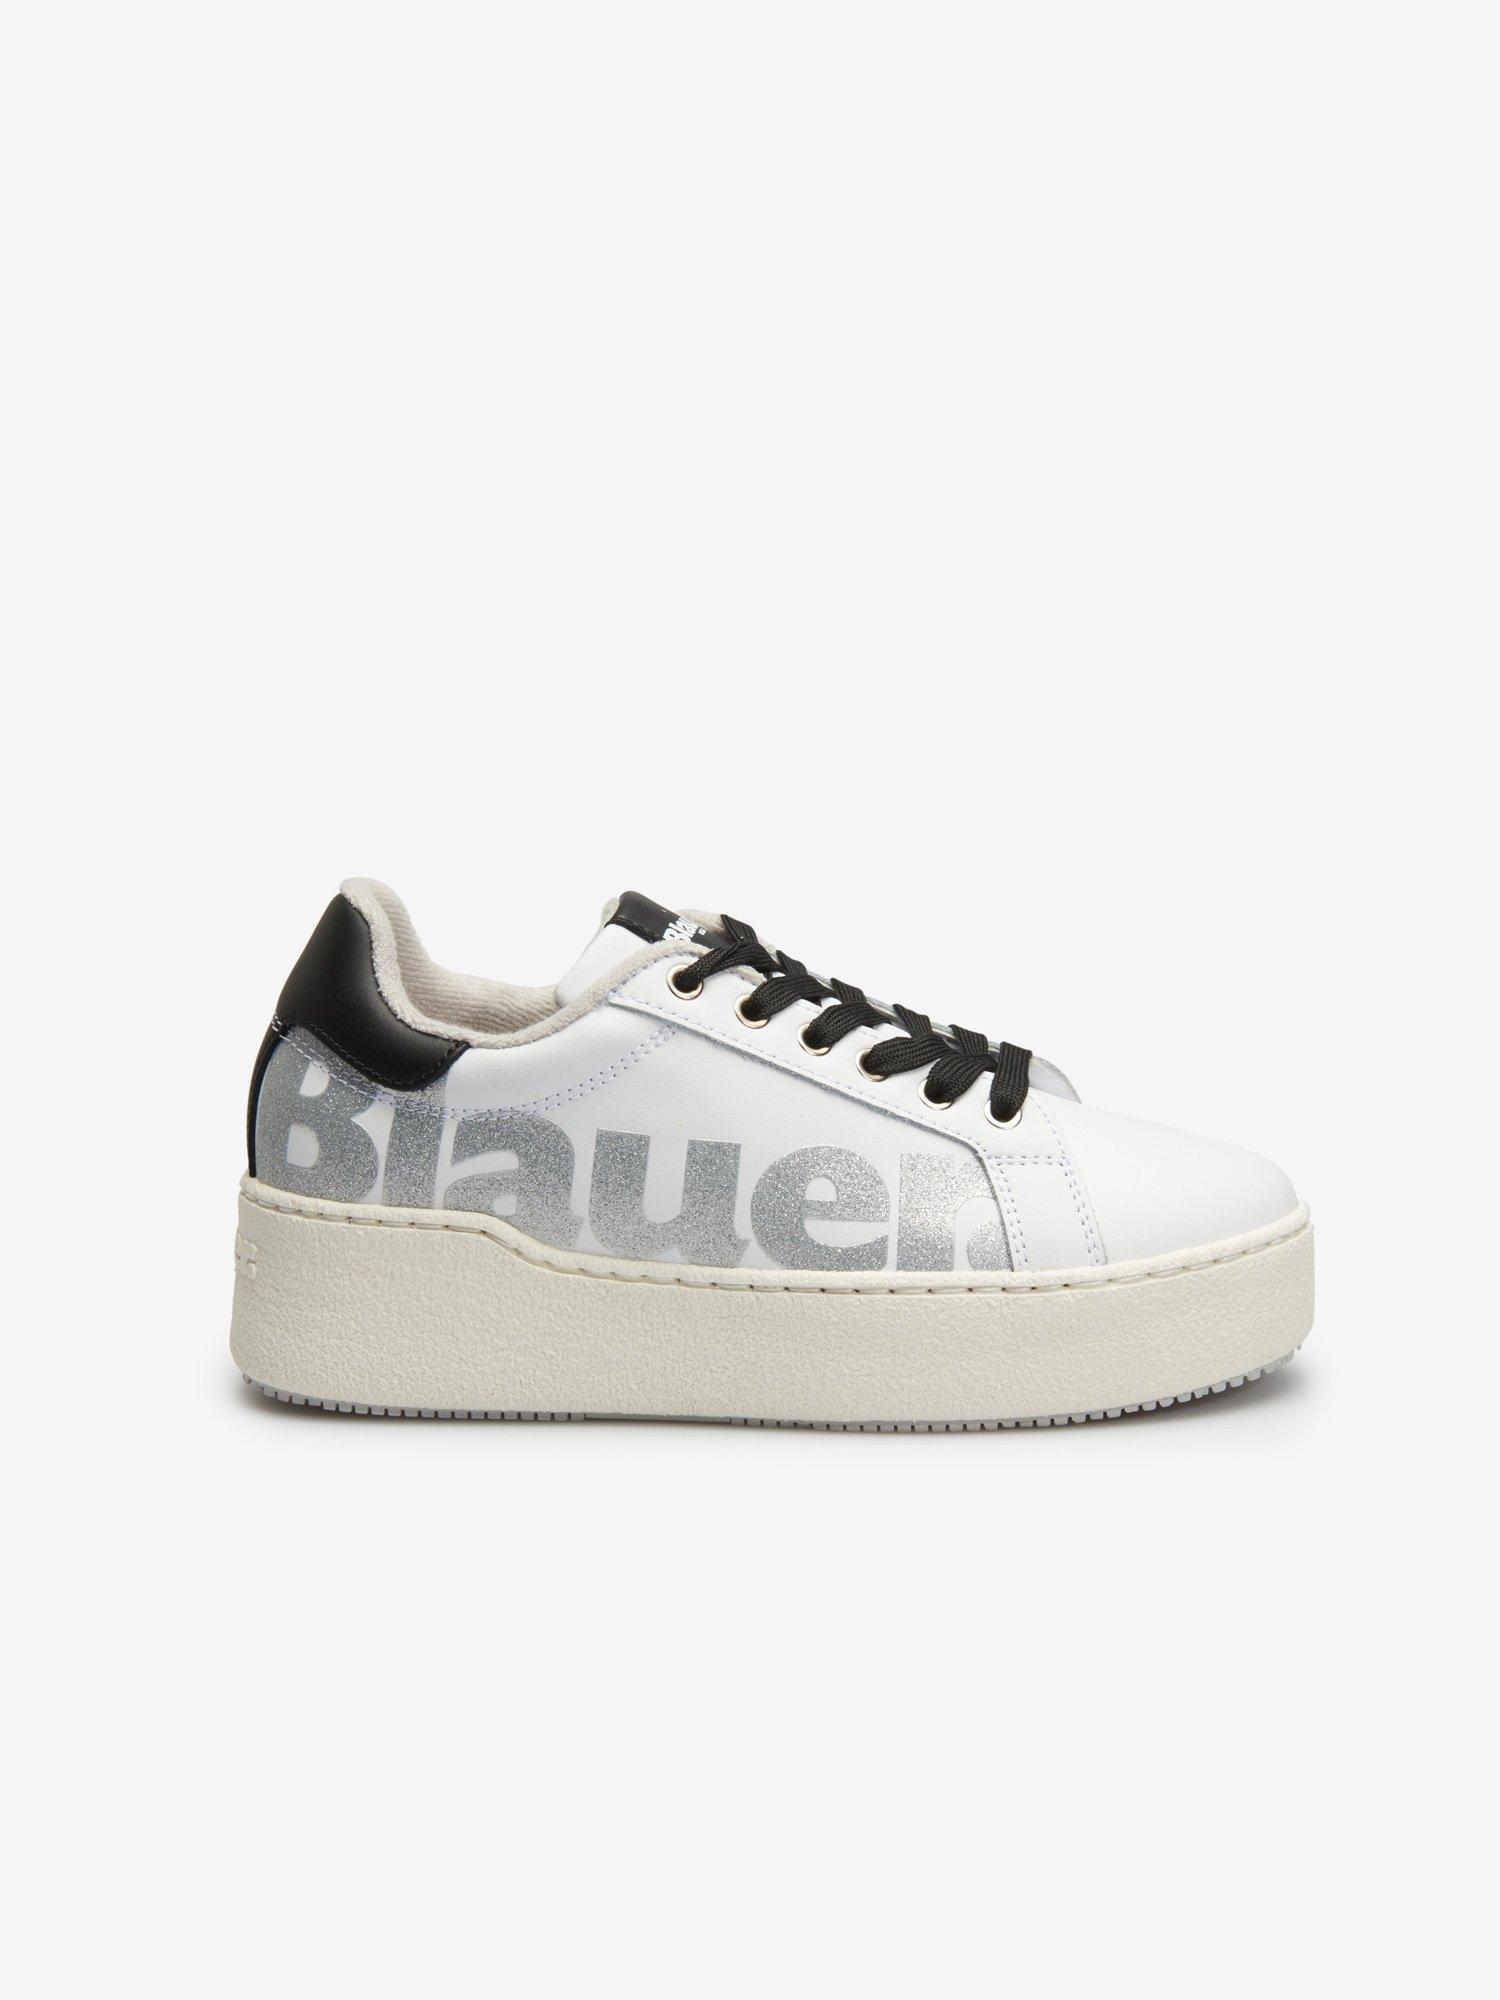 Madeline Leather women's sneaker - Blauer